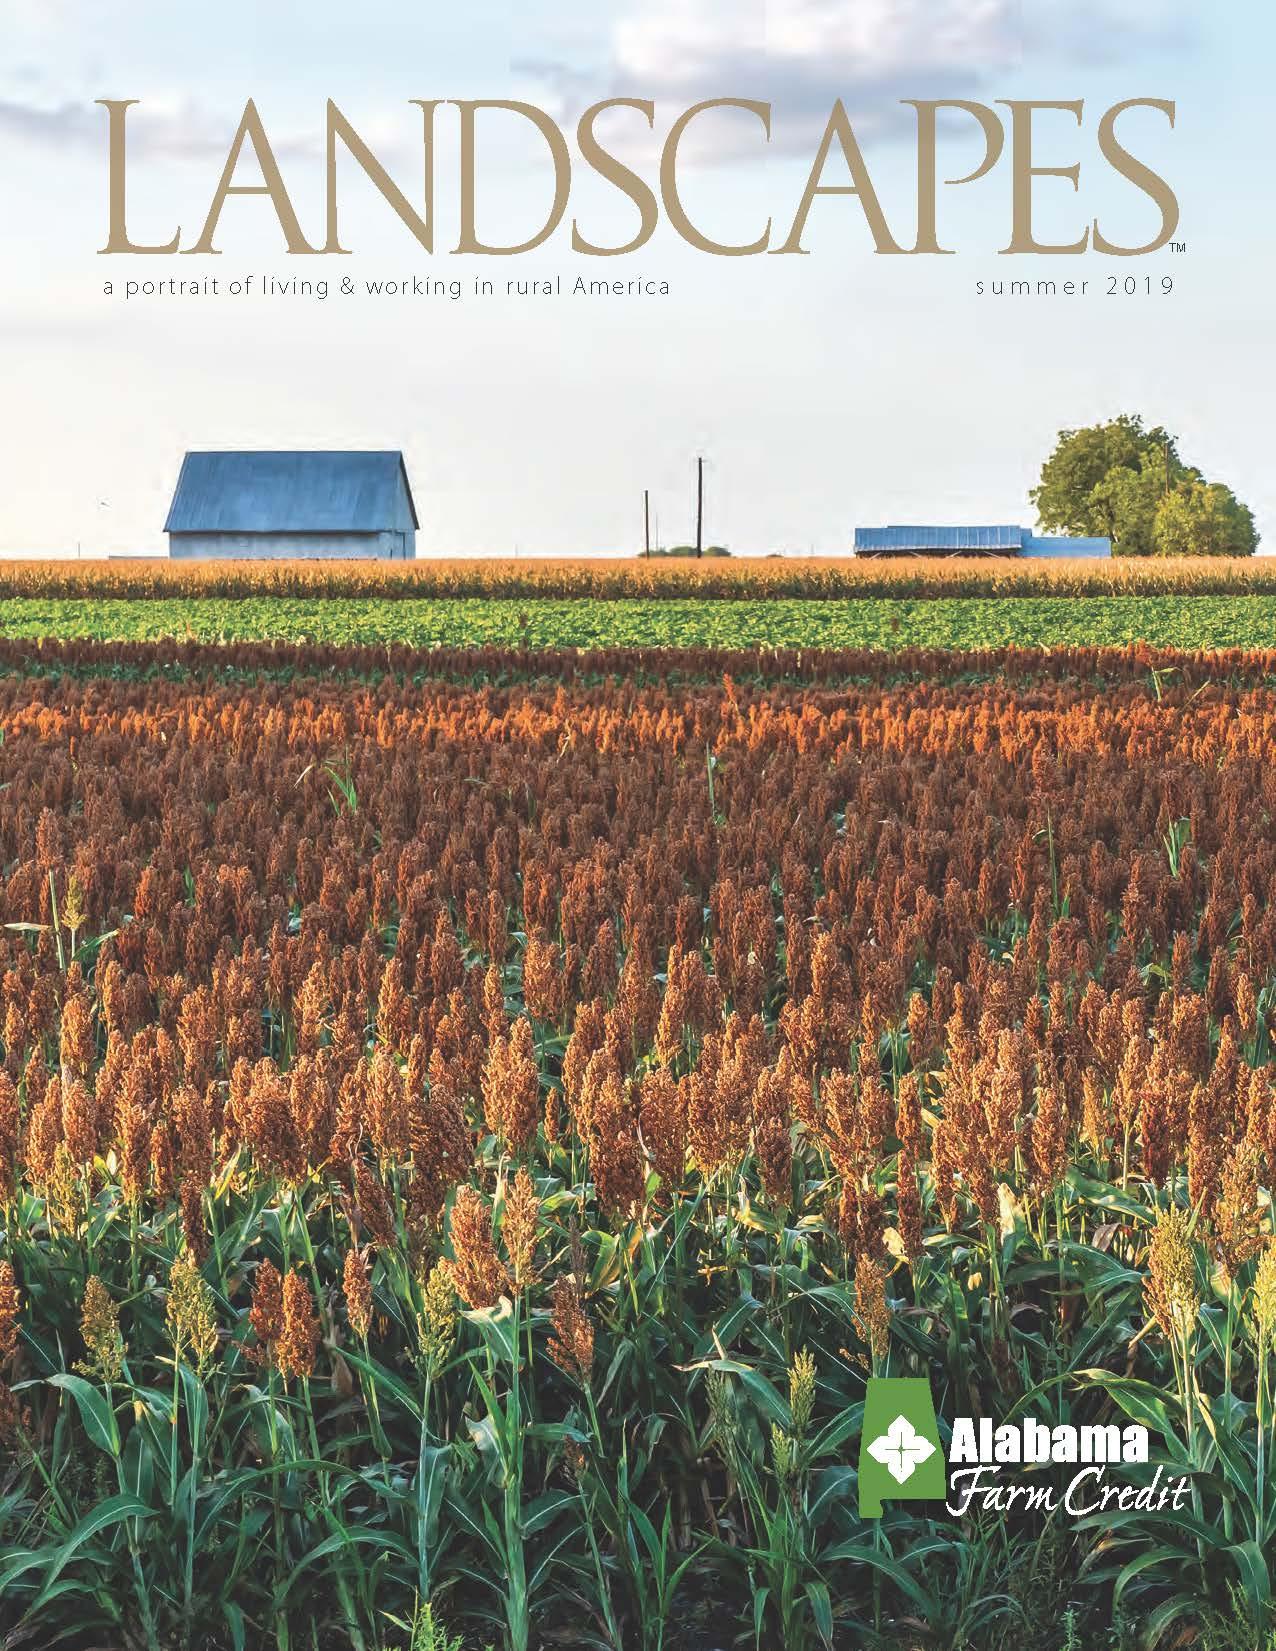 Landscapes Summer 2019